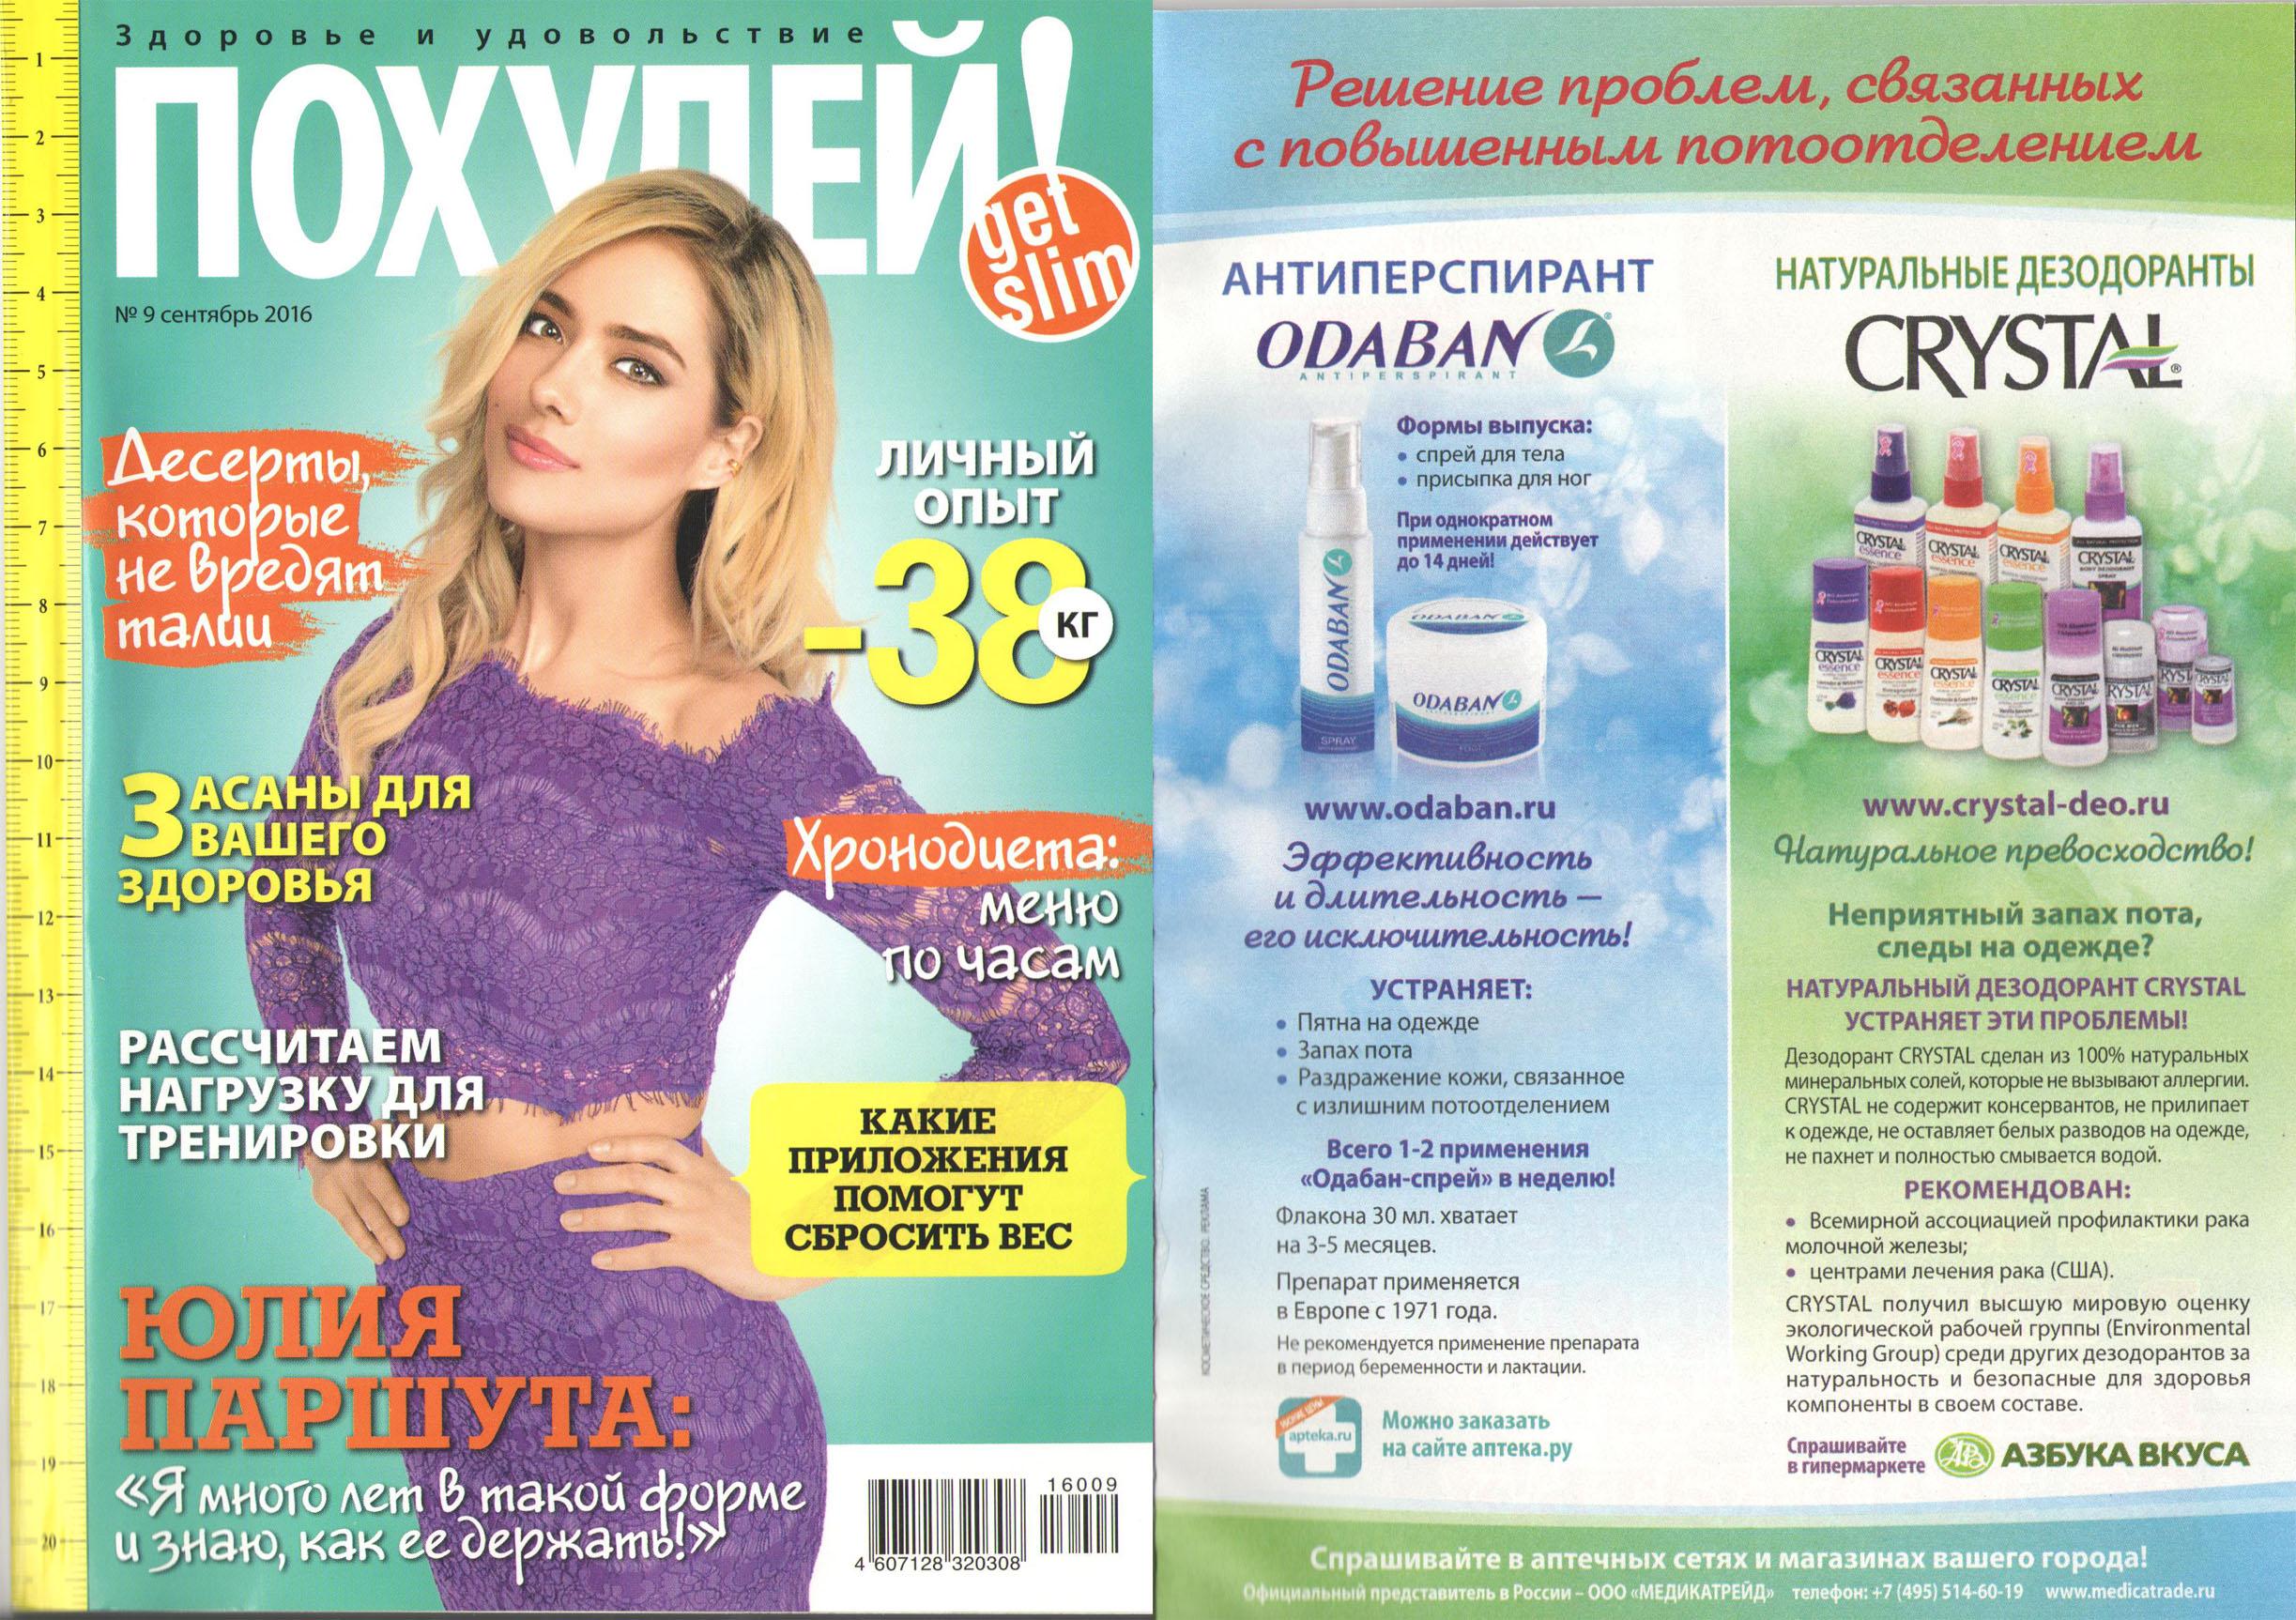 журнал любимая дача № 4 2013 год